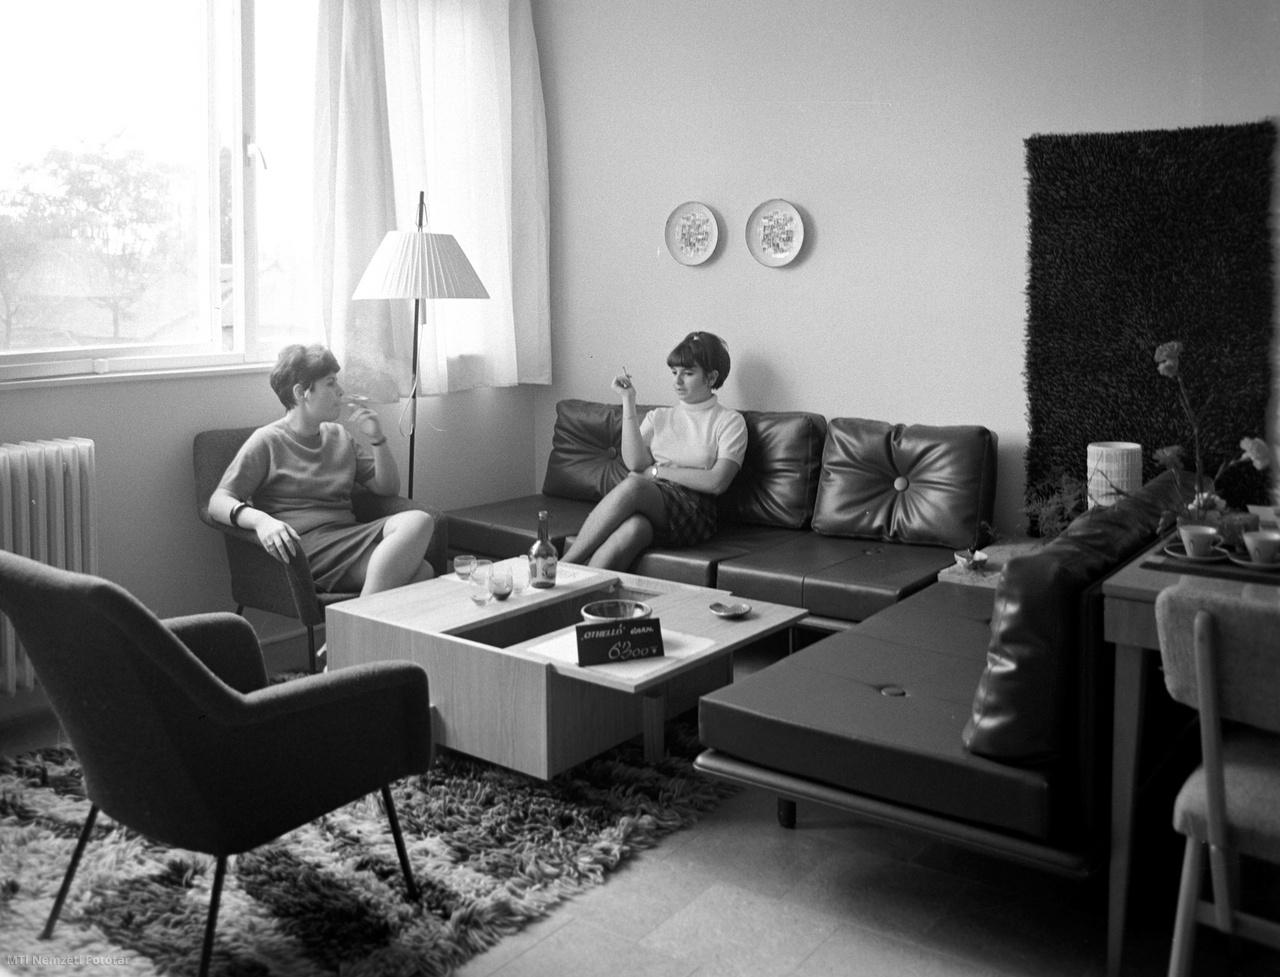 Fiatalasszonyok kipróbálják az Othello ülőgarnitúrát Újpesten  a Rózsa és az Árpád út sarkán épült új ház egyik lakásában 1968. szeptember 4-én. Lakásberendezési bemutatót rendezett az Építéstudományi Intézet, az Iparművészeti Tanács és a Bútorértékesítő Vállalat